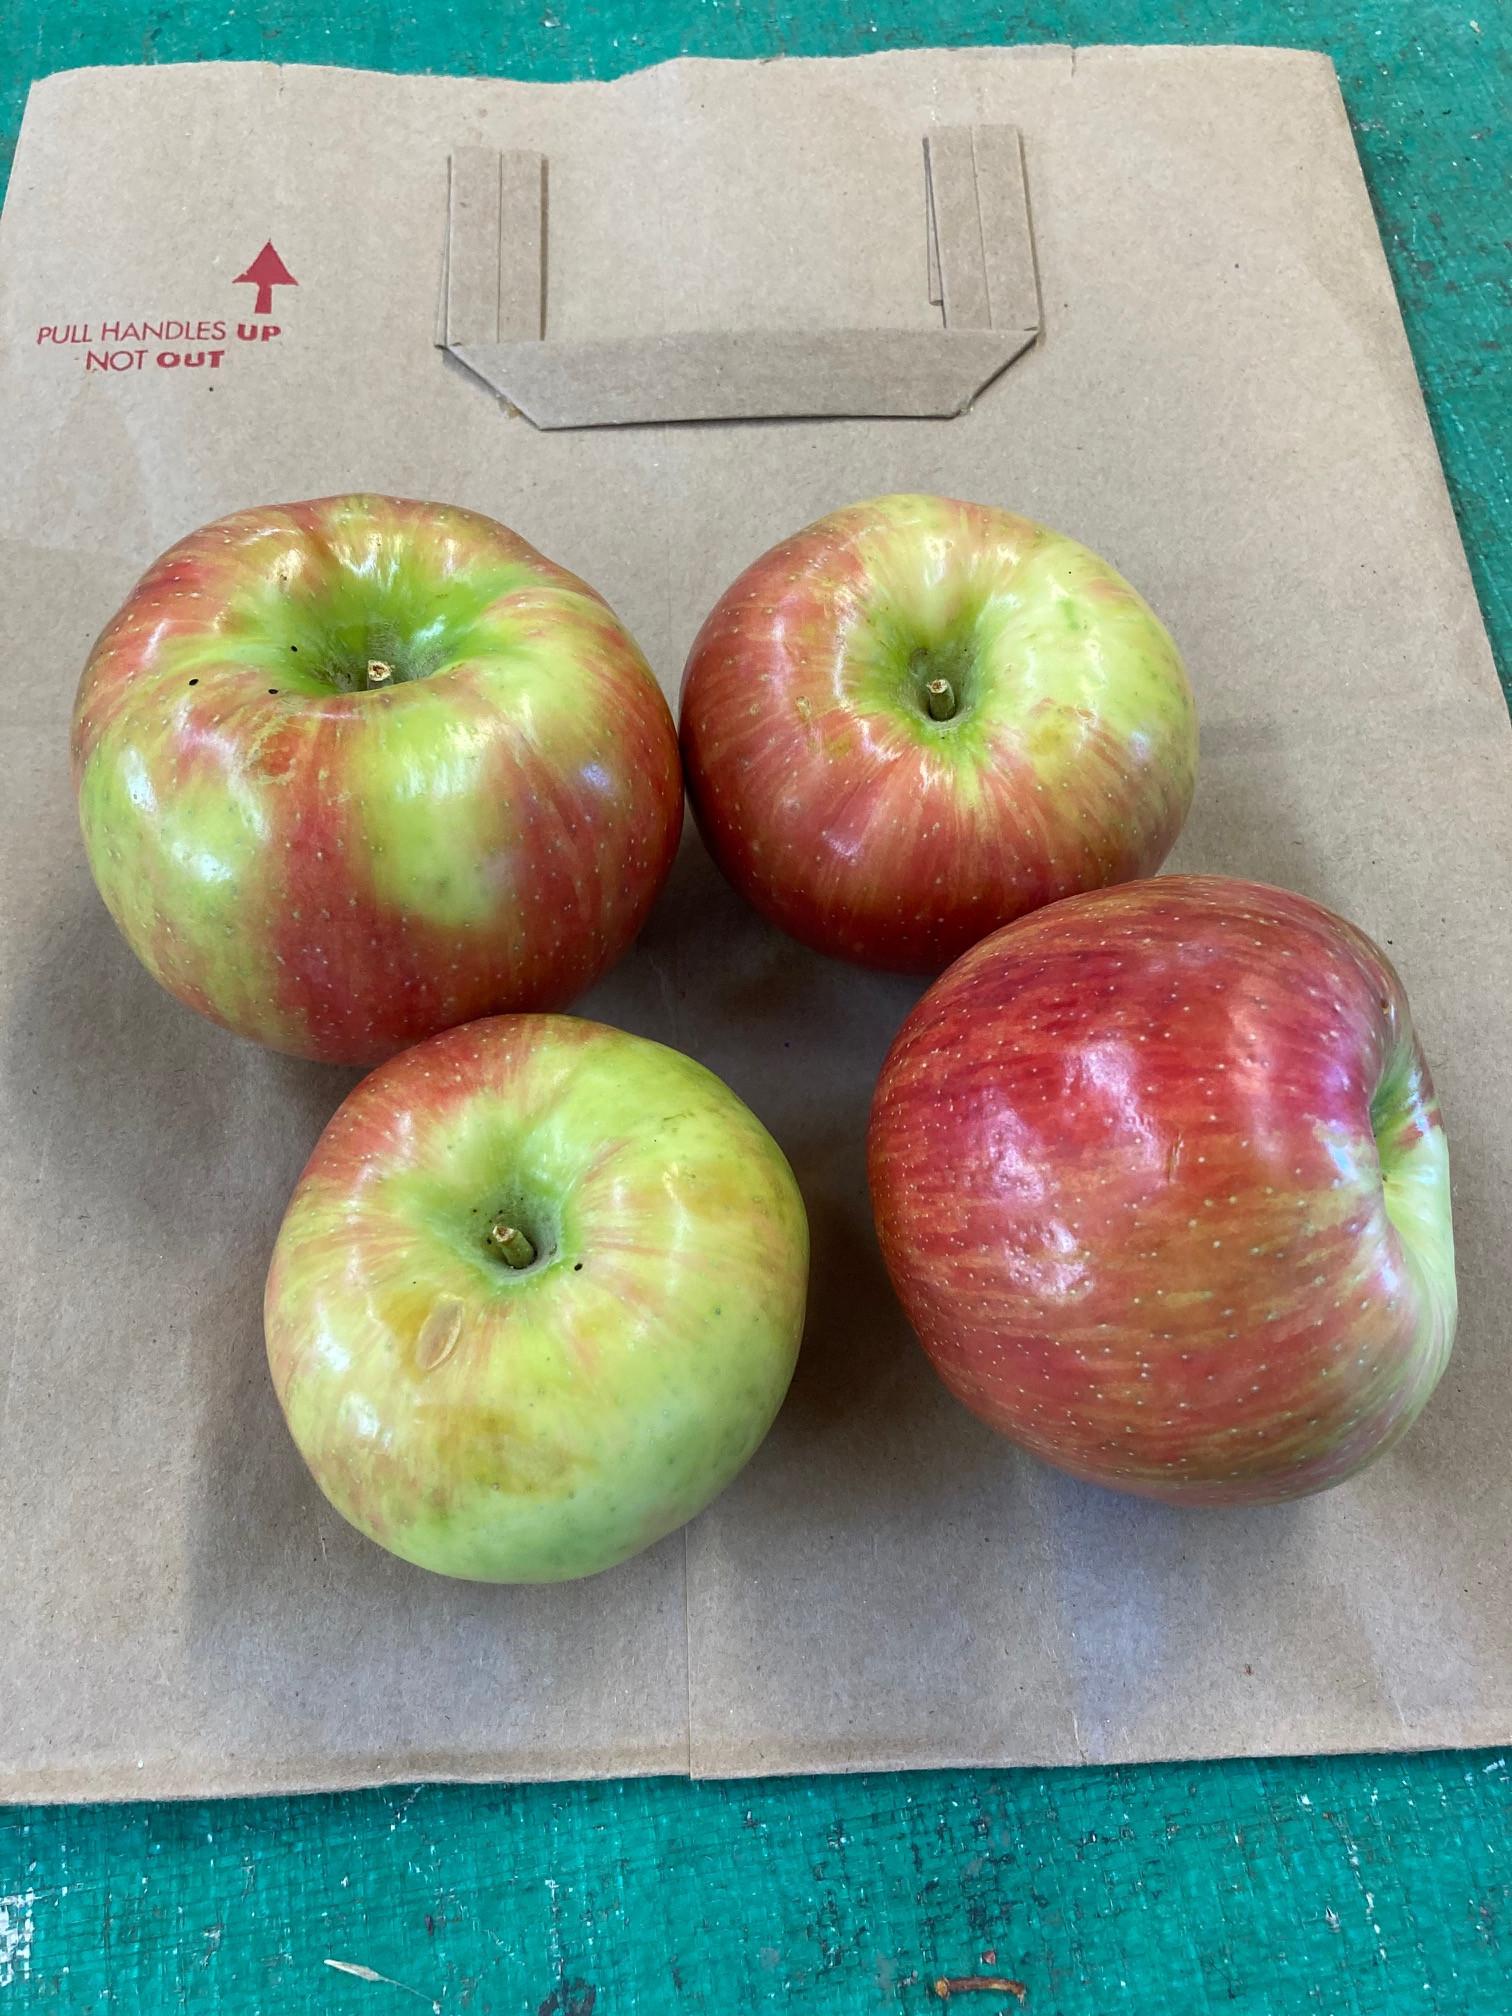 Apples, New Crop Honeycrisp